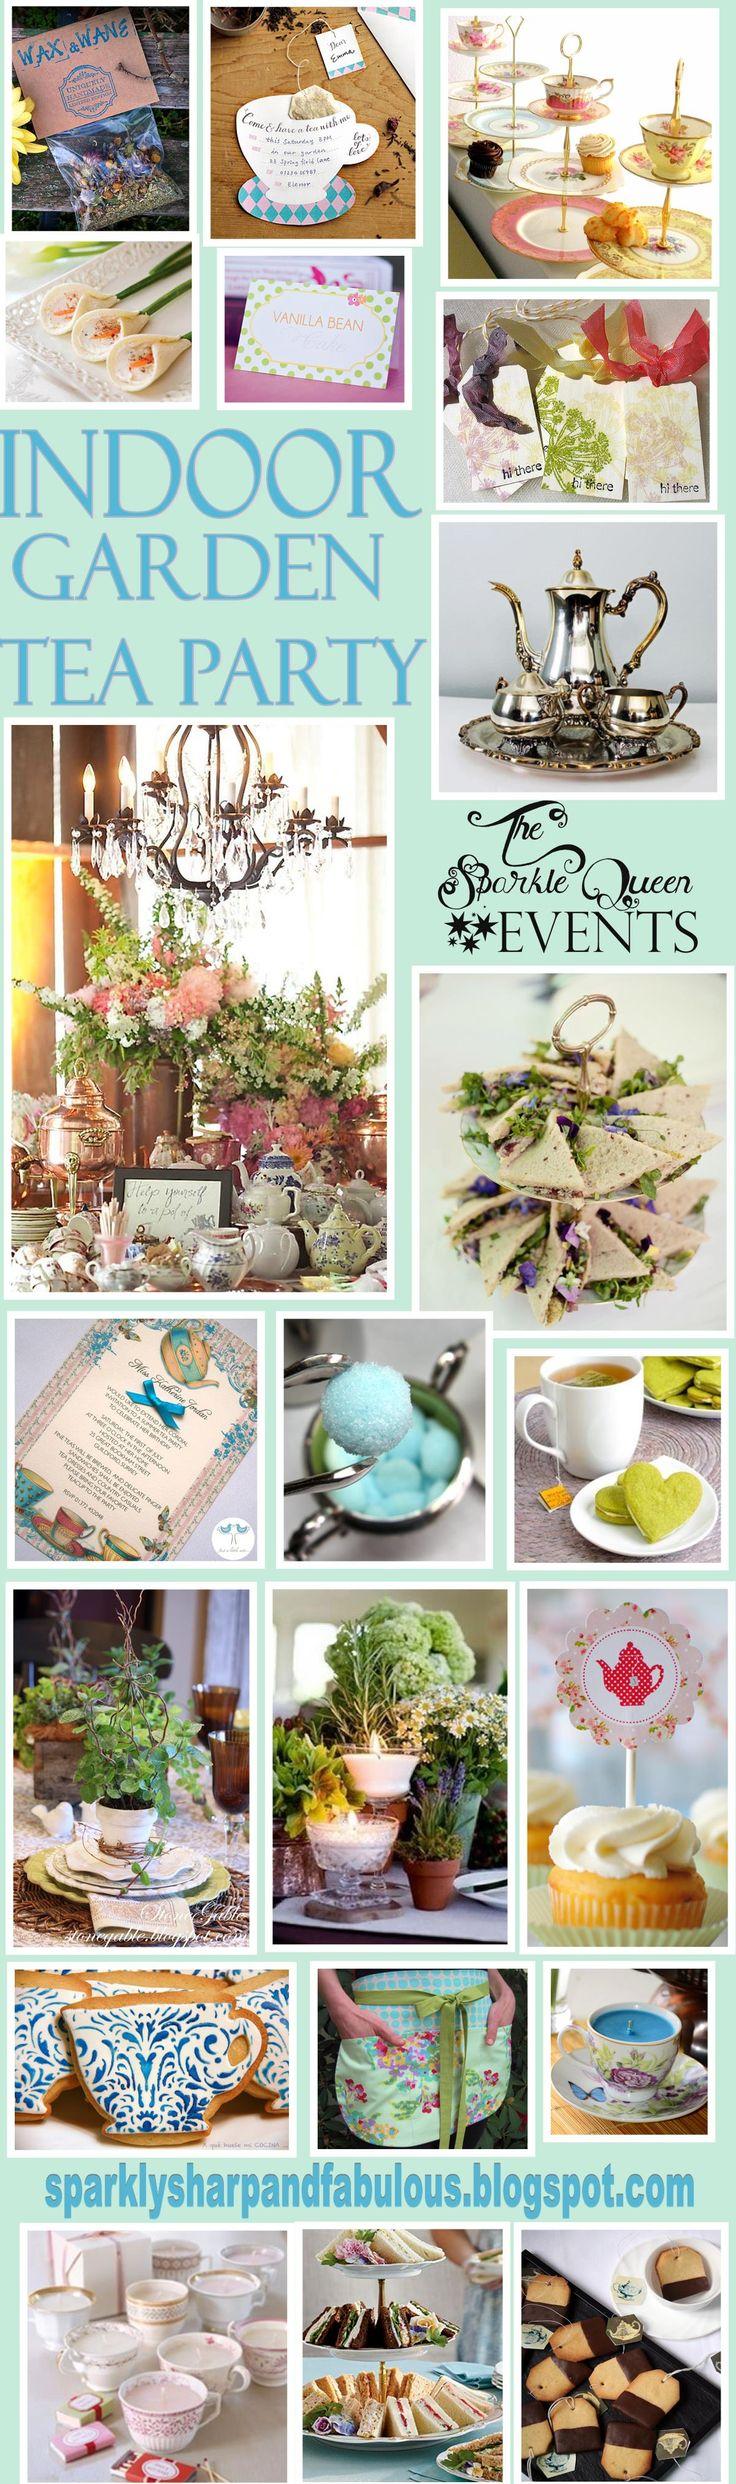 garden party inside   indoor garden tea party original post found here http ...